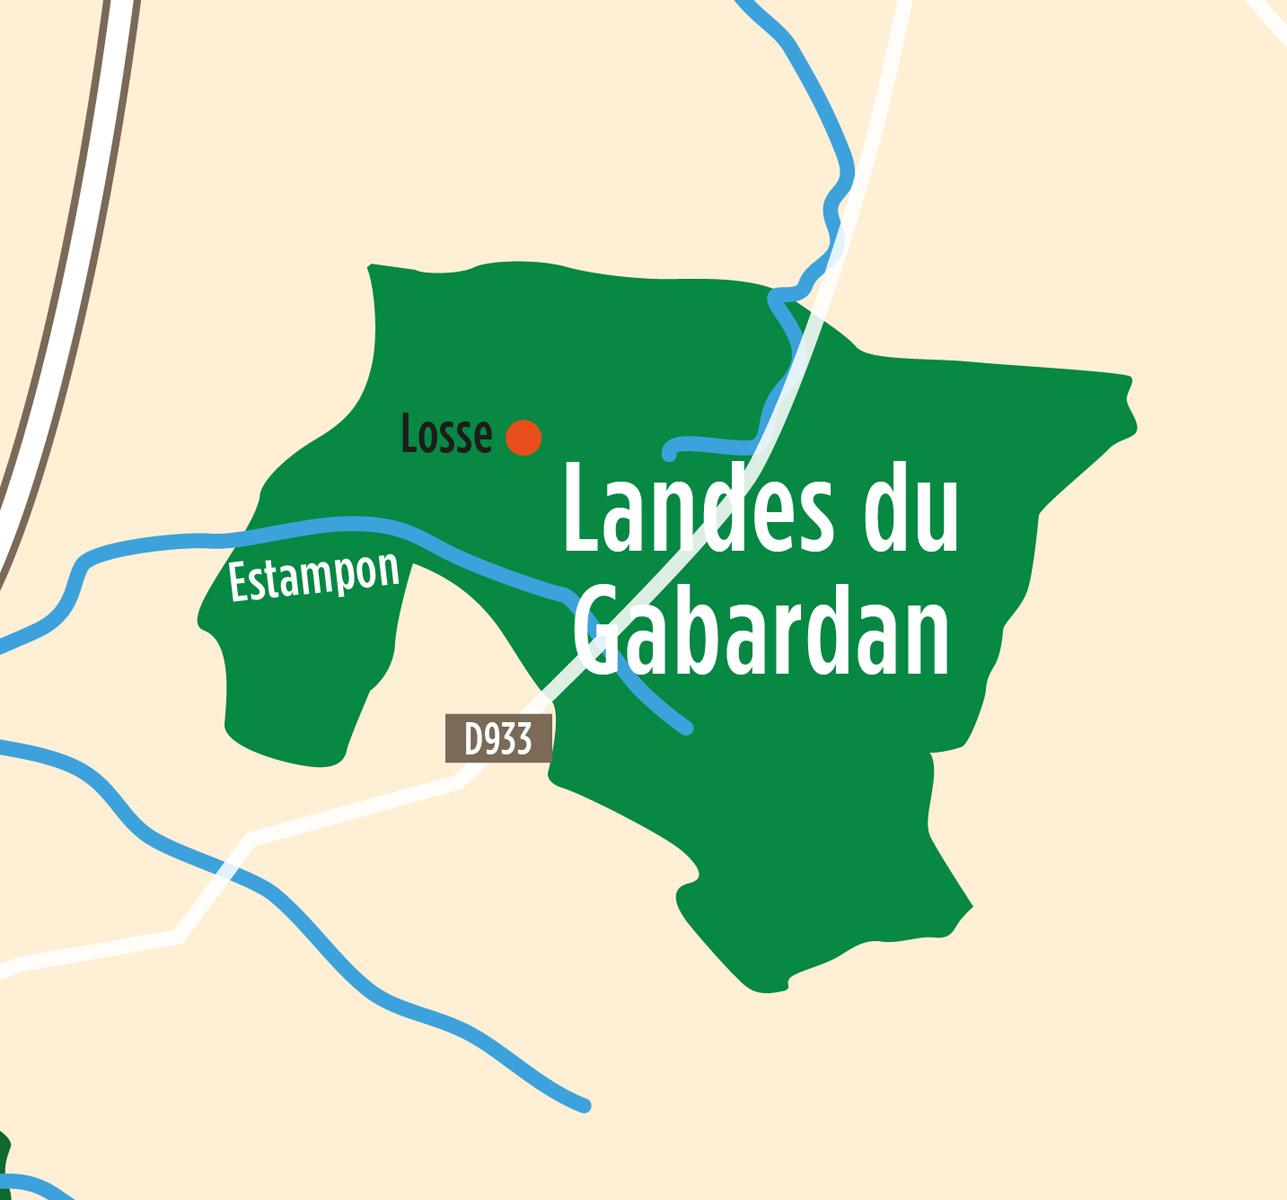 Landes du Gabardan